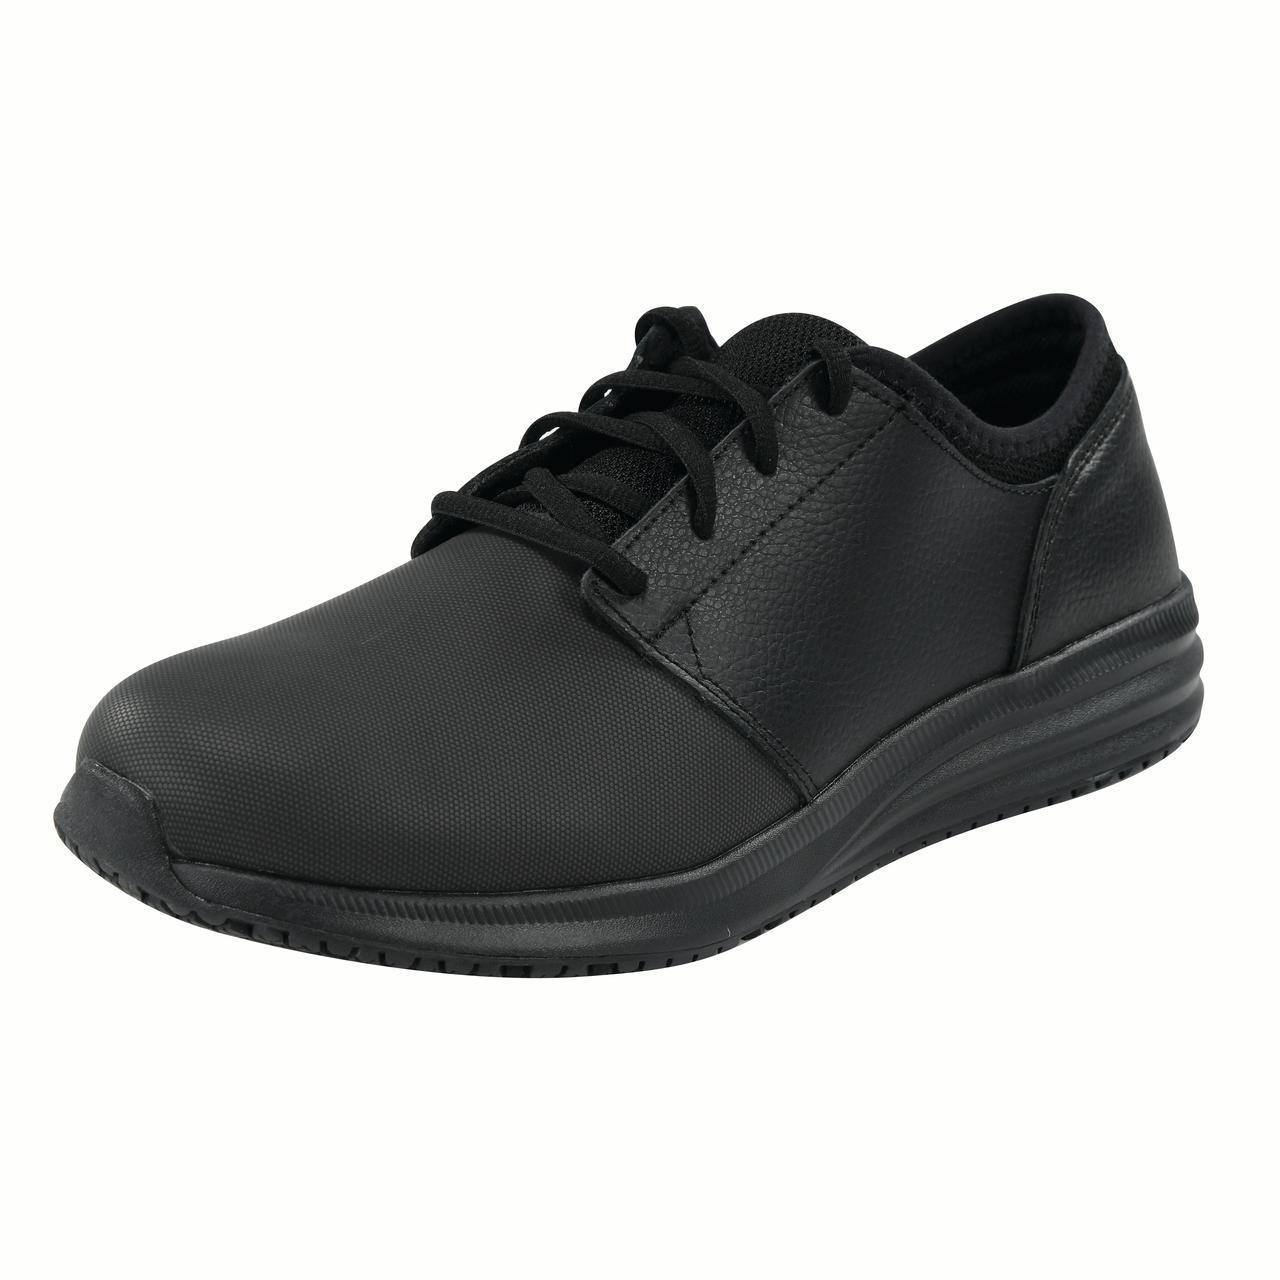 Tredsafe Unisex Engage Slip Resistant Shoe by Generic